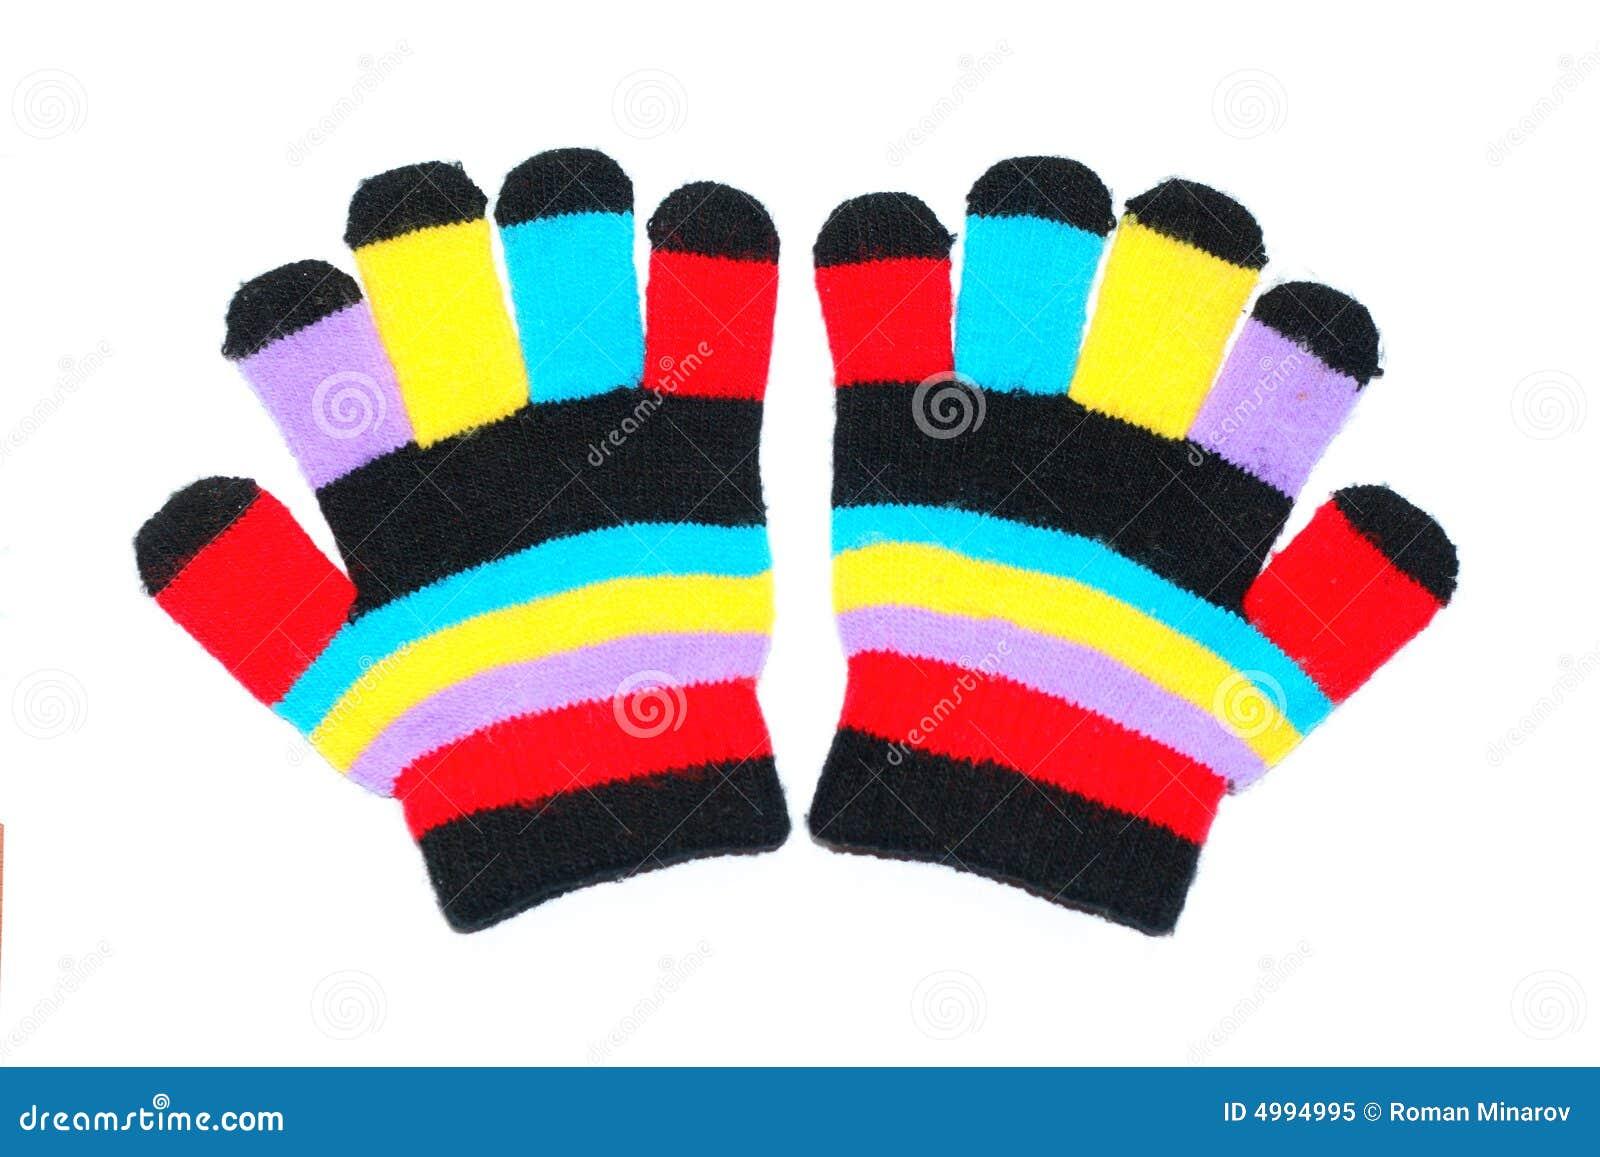 682650d3c53 De Handschoenen Van Kinderen Stock Afbeelding - Afbeelding bestaande ...